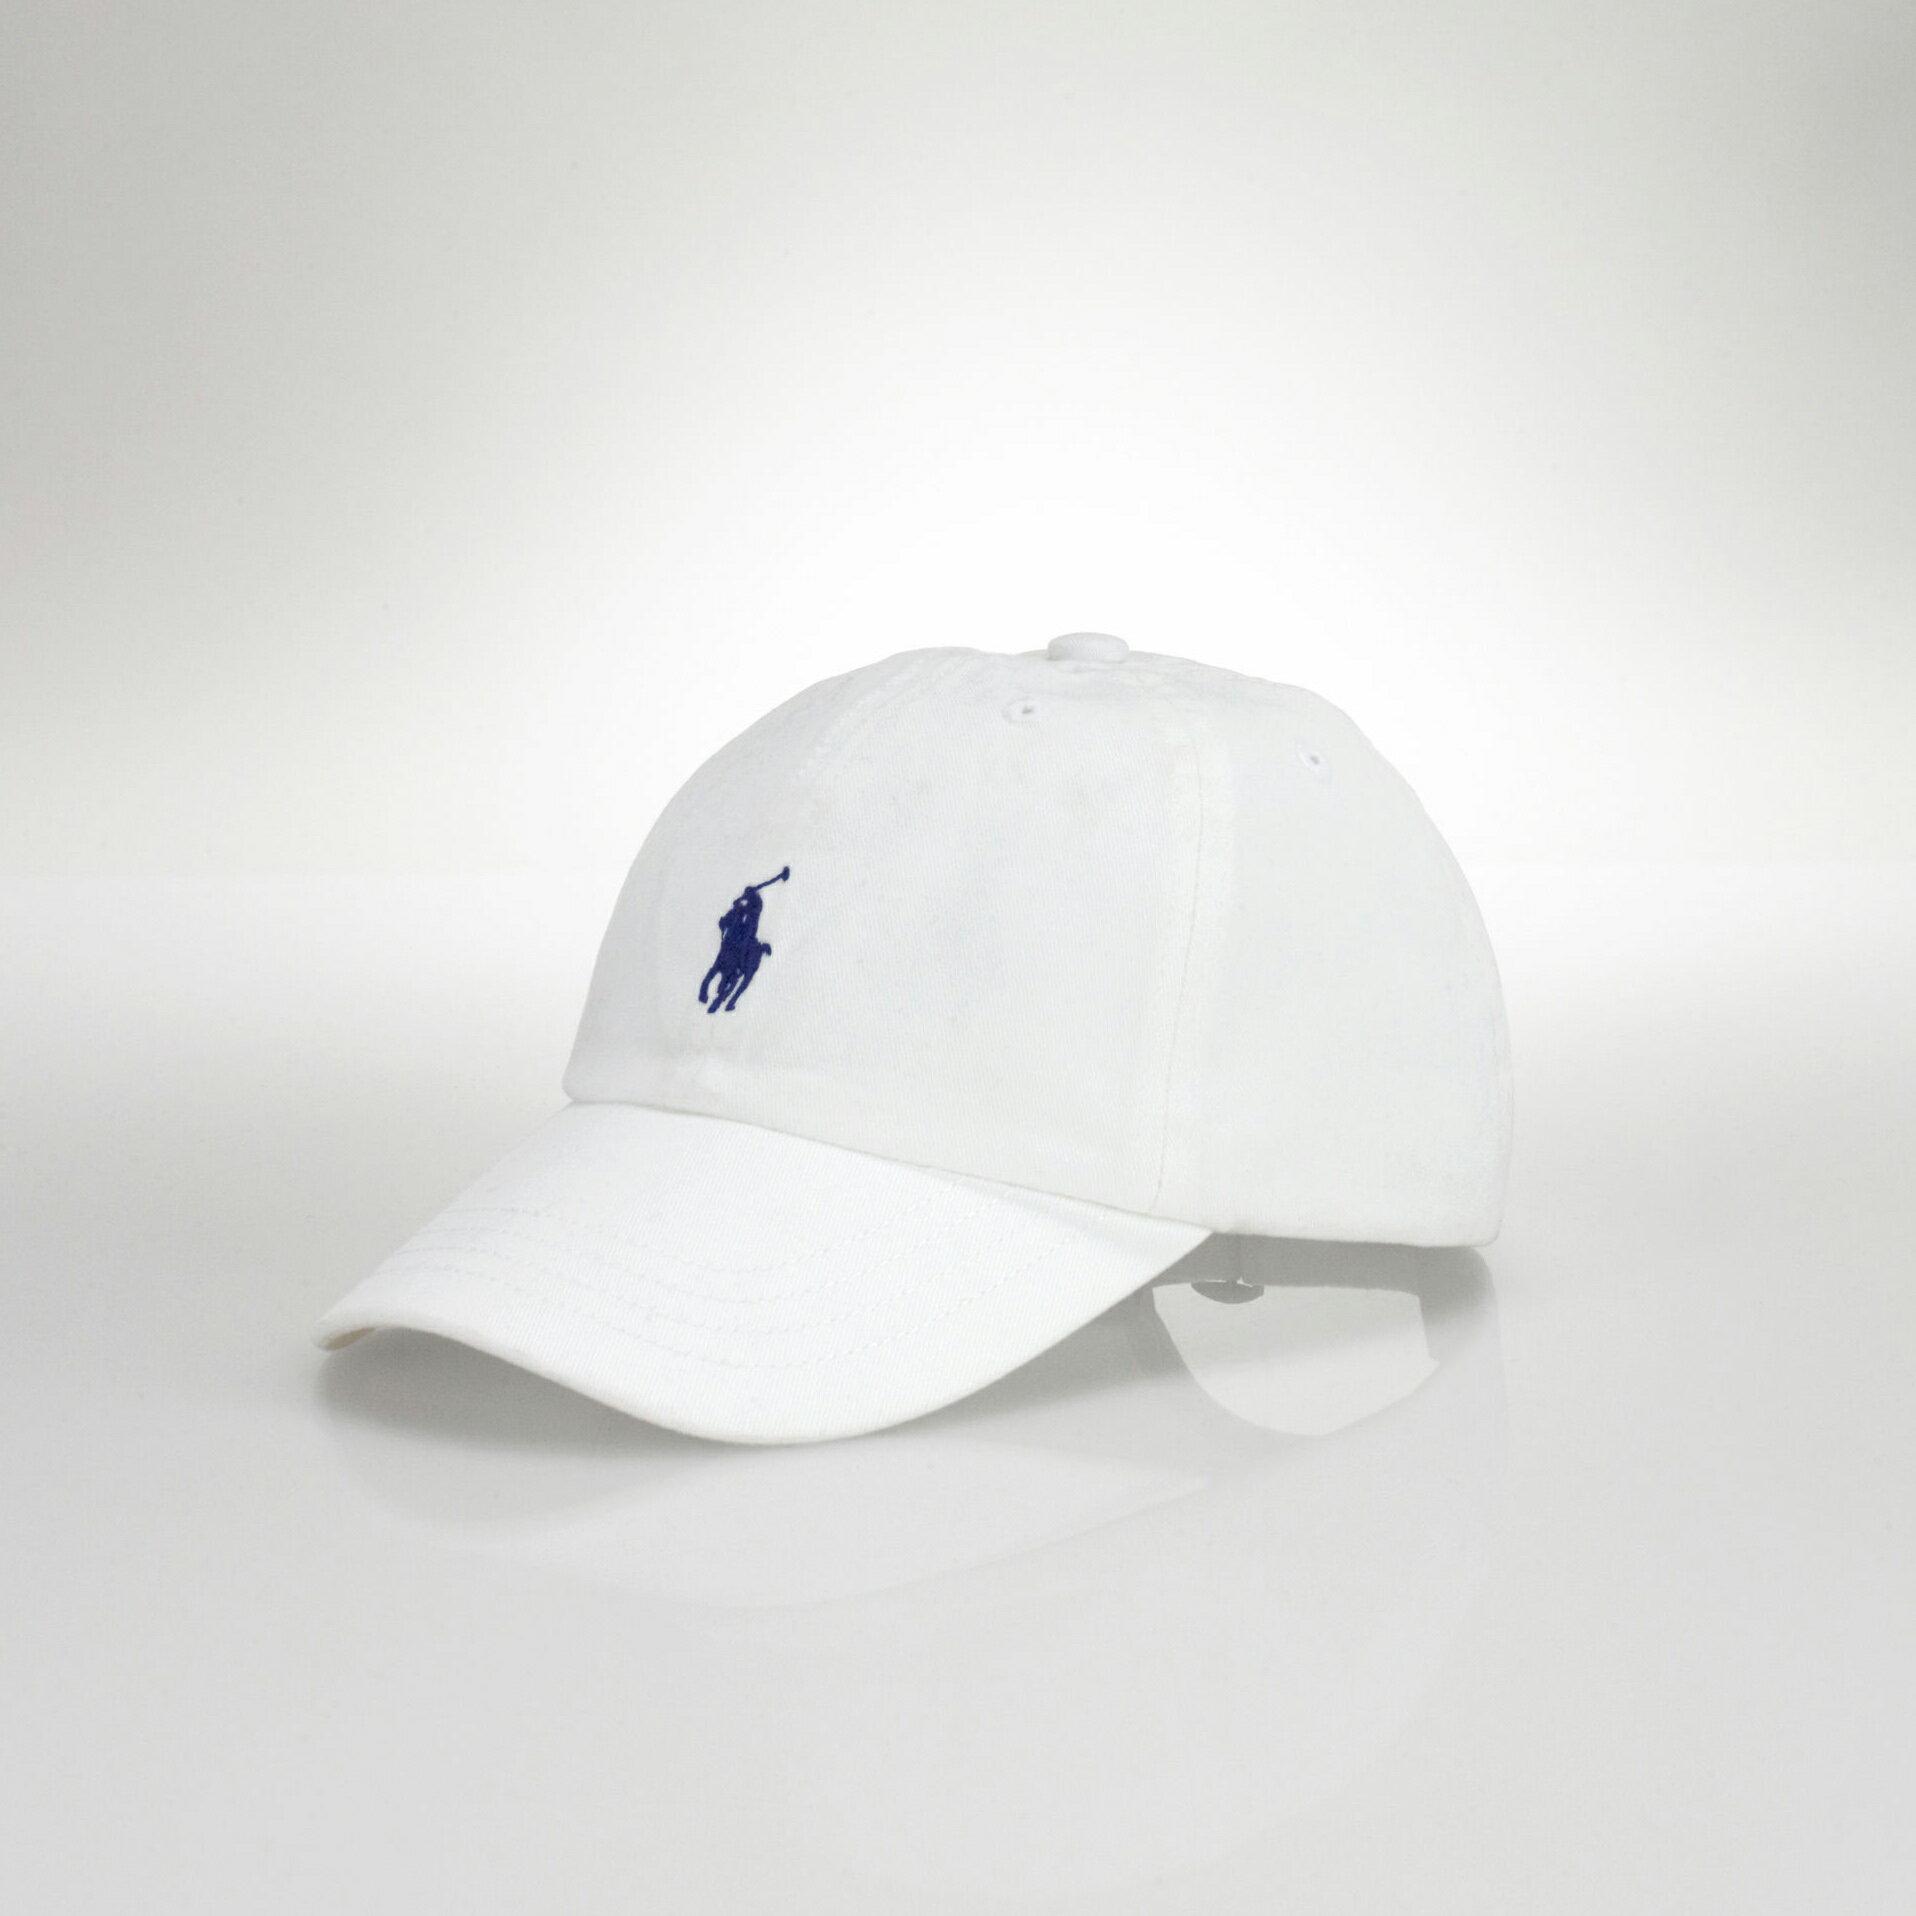 美國百分百【全新真品】Ralph Lauren 帽子 RL 配件 棒球帽 Polo 小馬 白色 帆布 刺繡 男 A732